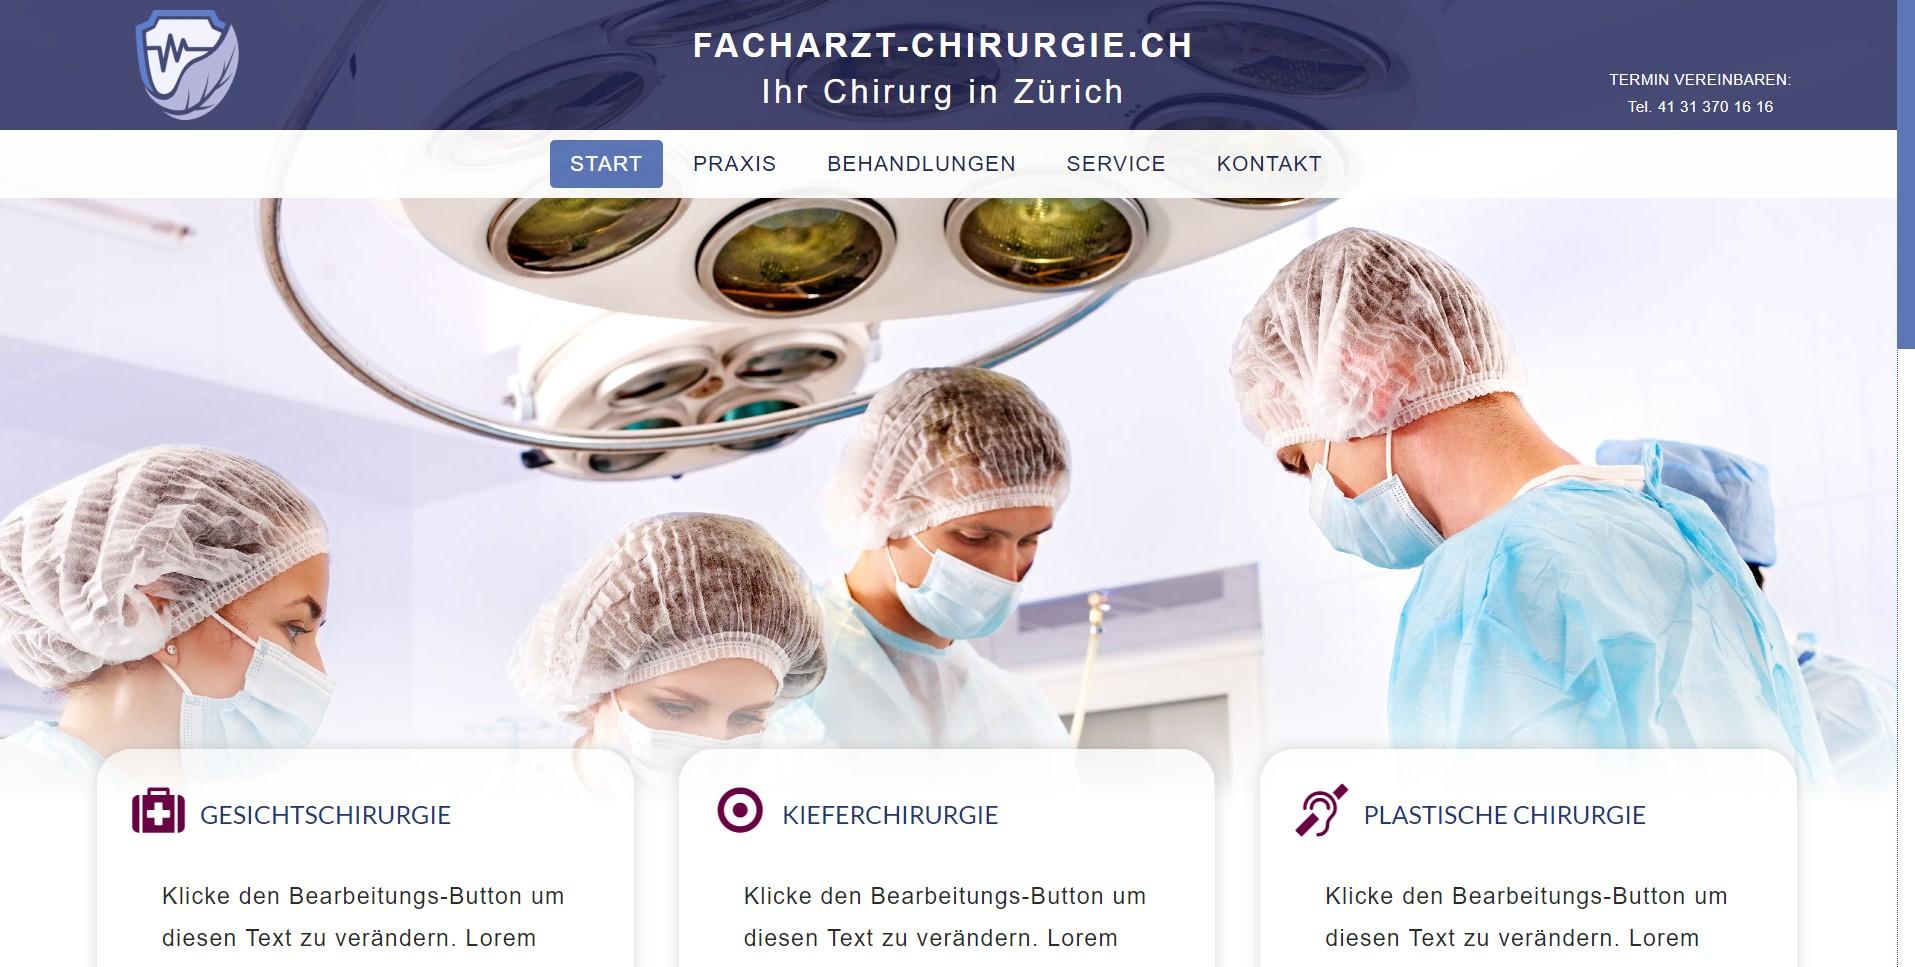 Facharzt-Chirurgie.ch